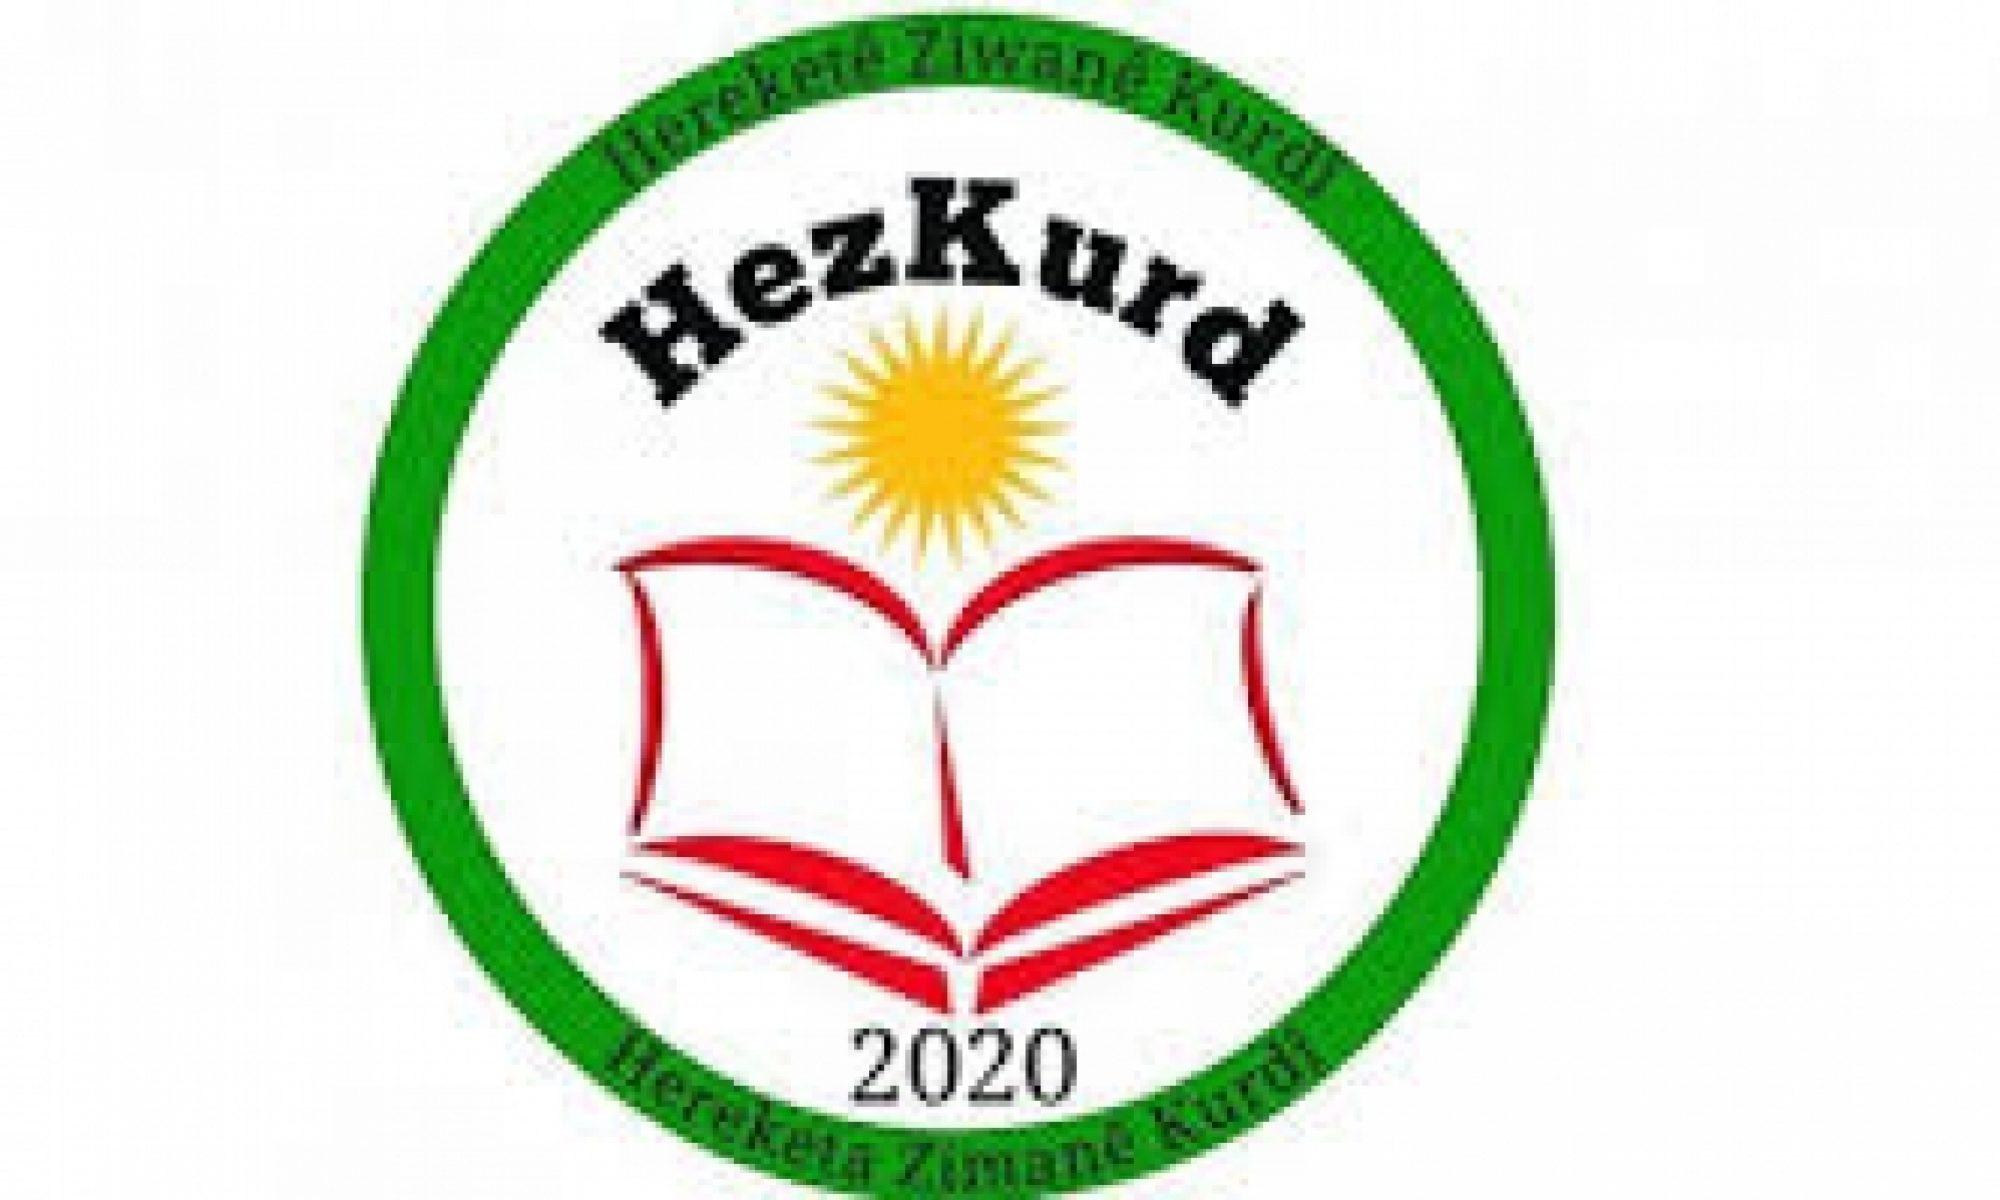 """Kürtçe Dil Hareketi (HEZKURD), Kürt parti ve kurumlarına çağrıda bulunarak, """"Kürd dili konusundaki sessizliğiniz üzücü ve düşündürücü"""" açıklamasında bulundu. 2021-2022 eğitim ve öğretim döneminde okutulacak seçmeli dersler için başvuru sürecinin başlaması dil kurumlarını harekete geçirdi. Öğrencilerin tercih ettikleri dersleri 22 Ocak 2021 tarihine kadar okul müdürlüklerine bildirmesi gerekiyor. Kürtçe'nin seçmeli ders olarak tercih edilmesi için Kürt kurum ve dernekleri sosyal medya platformlarında kampanyalar başlattı. HEZKURD'den Kürtçe seçmeli ders ile ilgili yapılan açıklamada, """"Birçok Kürt partisinin ve kurumunun son bir haftadır isyan çığlığı gibi her tarafa yayılan bu sese kulak tıkamalarını veya sessiz kalmalarını doğru bulmuyoruz"""" denildi. HDP ve HÜDAPAR'ın Kürt Milleti'nin belli kesimlerinin gönlüne taht kurmuş partiler olduğu hatırlatılan açıklamada, iki partinin Kürtlerin dil taleplerine sessiz kaldığı ifade edildi. """"HEZKURD'den Kürt Parti Ve Kurumlarına Çağrı: Kürd Dili konusundaki sessizliğiniz üzücü ve düşündürücü"""" başlığıyla yayınlanan açıklamada, şu ifadelere yer verildi: """"Değerli Kürt kamuoyunun da bildiği üzere, özellikle son bir haftadır, anadilimiz Kürtçe için, saygın ve emektar Kürt medyasının da desteği ile Kürt Milleti adeta seferberlik içinde, çeşitli çalışmalar yürütüyor. Dil oluşumları, dernekler, bağımsız kuruluşlar, bağımsız kimi saygın isimler ve emektar medya kuruluşlarımız Kürtçe'nin geleceği için adeta kendilerini parçalıyorlar. Etkinlikler, açıklamalar, kampanyalar, çağrılar, yakarışlar peş peşe geliyor. Özellikle, Kürtçe dil mezunları seslerini ve mağduriyetlerini duyurmak için adeta çırpınıyorlar. Lakin hak olan bu sivil ve meşru süreç, siyasi destekten mahrum bırakılmış durumda. Kürtçe Dil Hareketi (HEZKURD) olarak, birçok Kürt partisinin ve kurumunun son bir haftadır isyan çığlığı gibi her tarafa yayılan bu sese kulak tıkamalarını veya sessiz kalmalarını doğru bulmuyoruz. Siyaset, tabanın ve halkın haklı ve meşru taleplerine ku"""